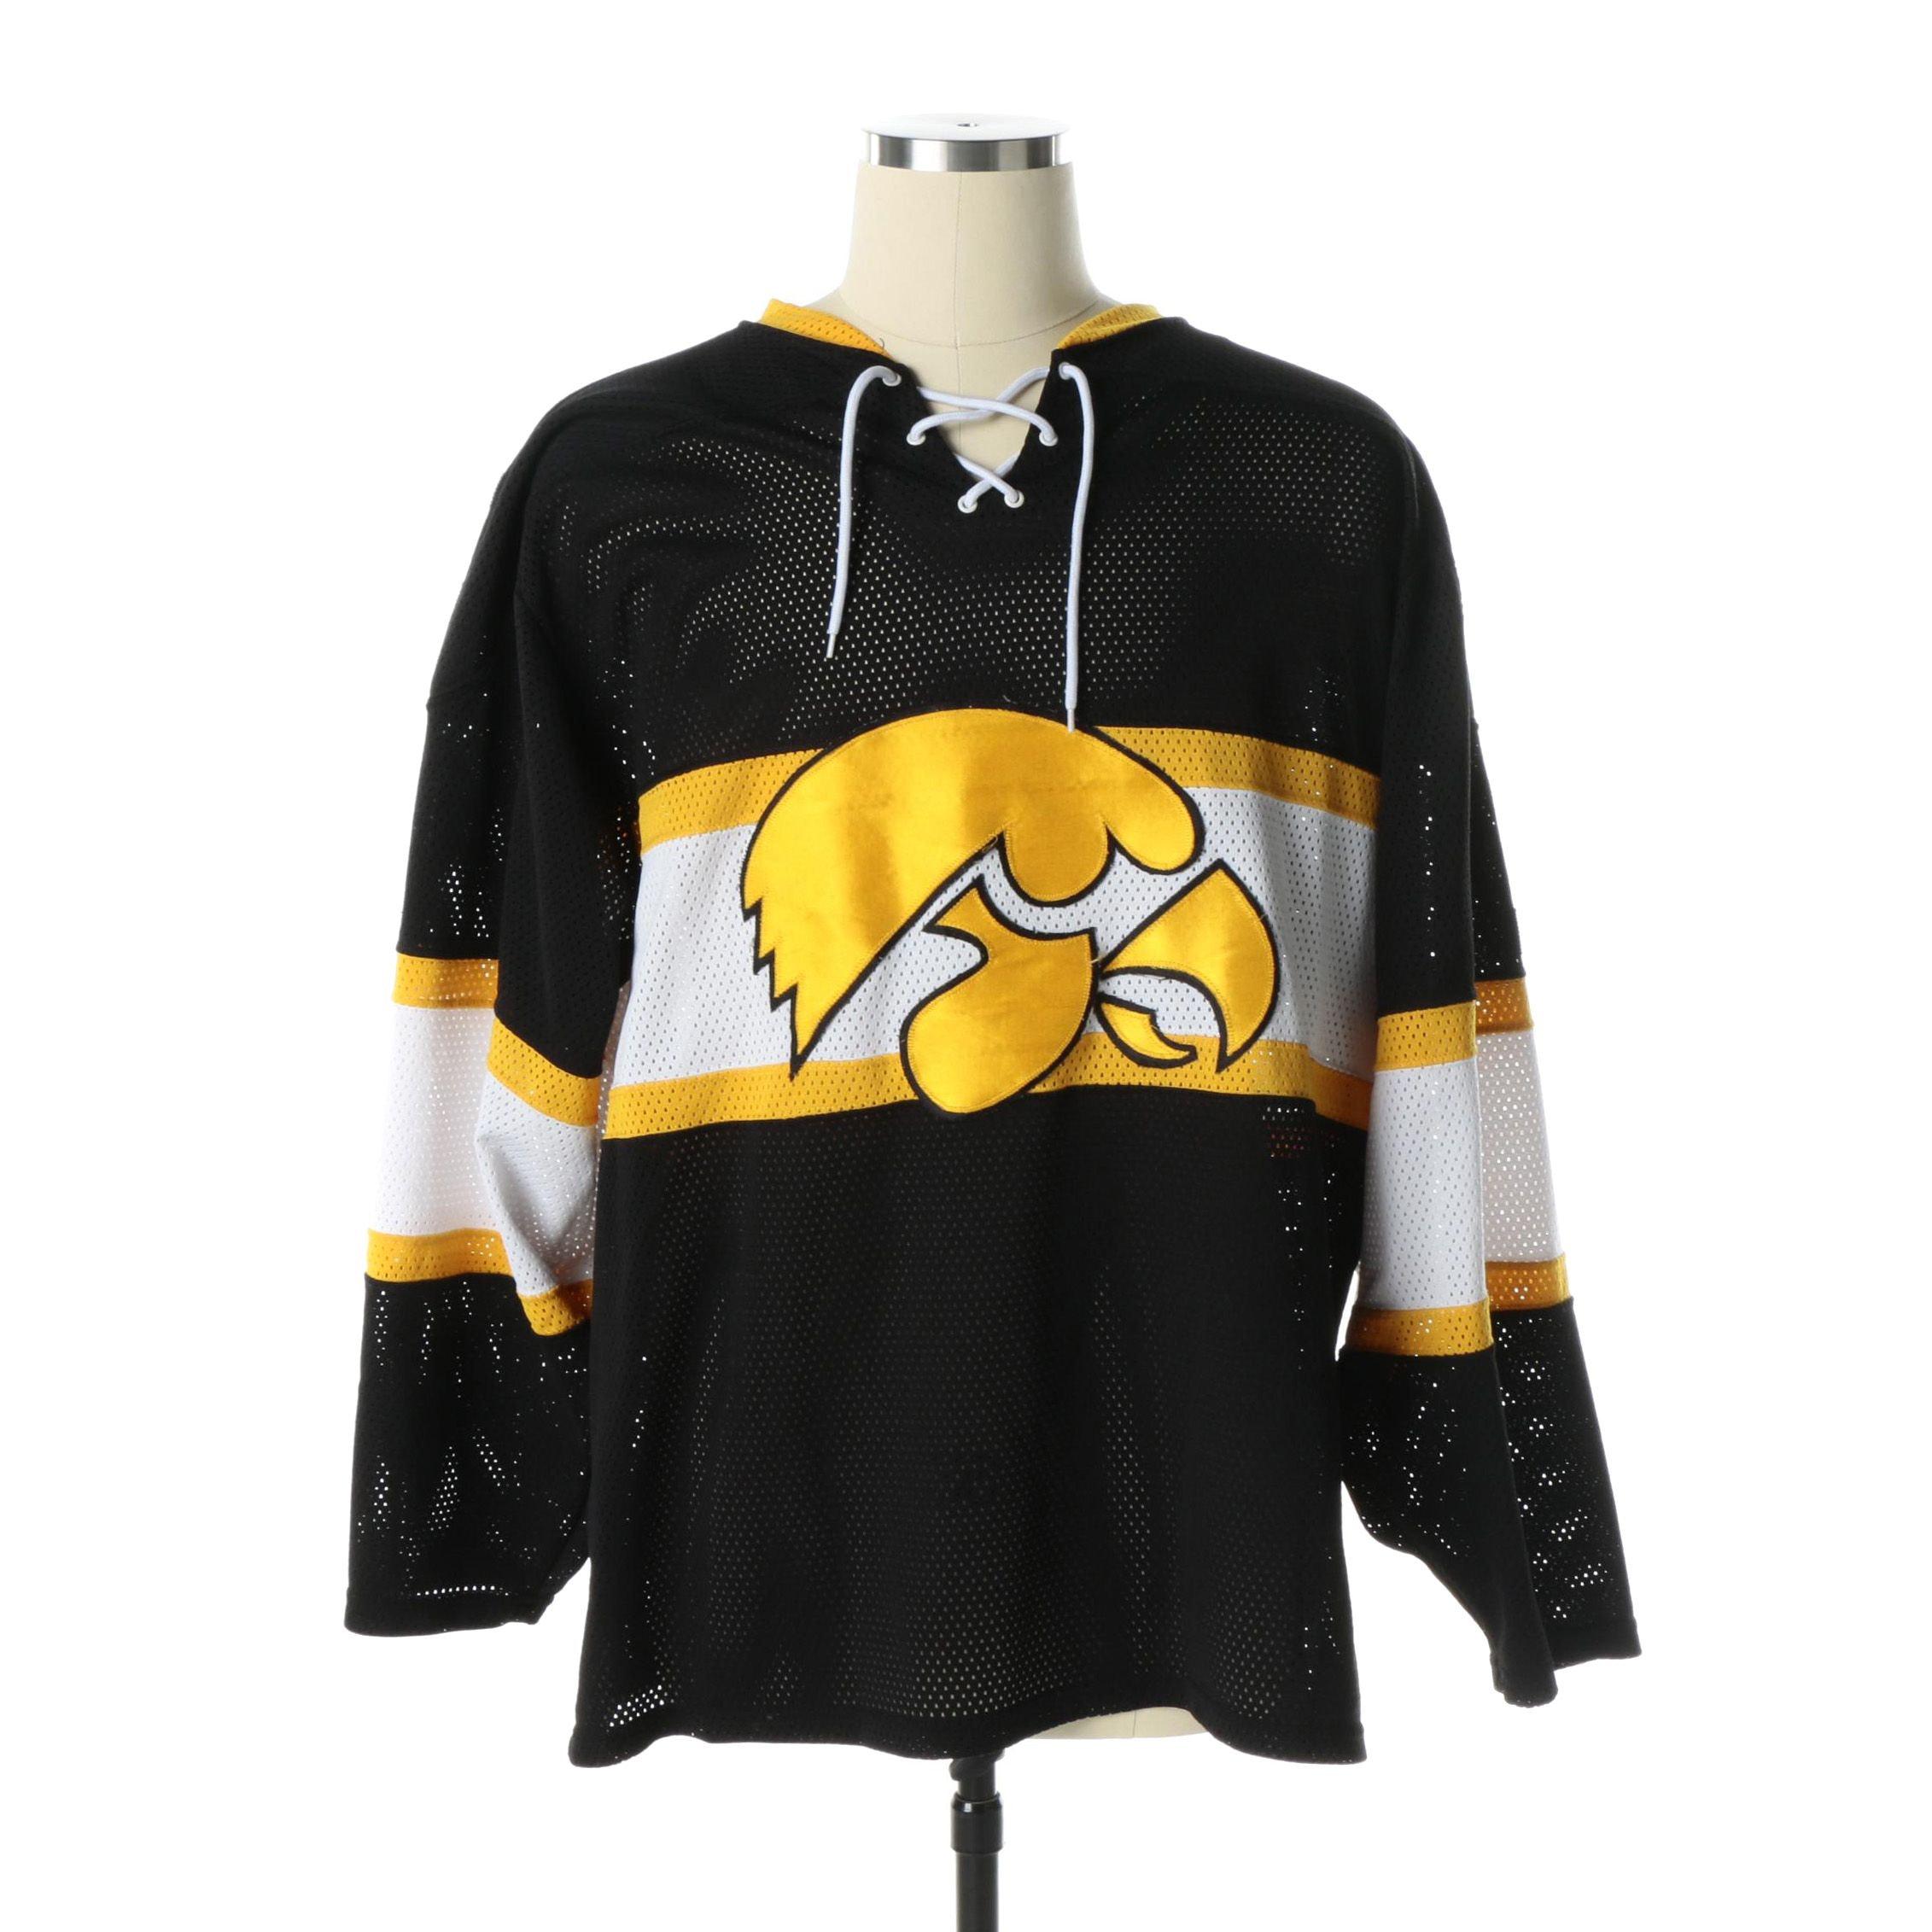 Size XXL Iowa Hawkeyes Hockey Jersey